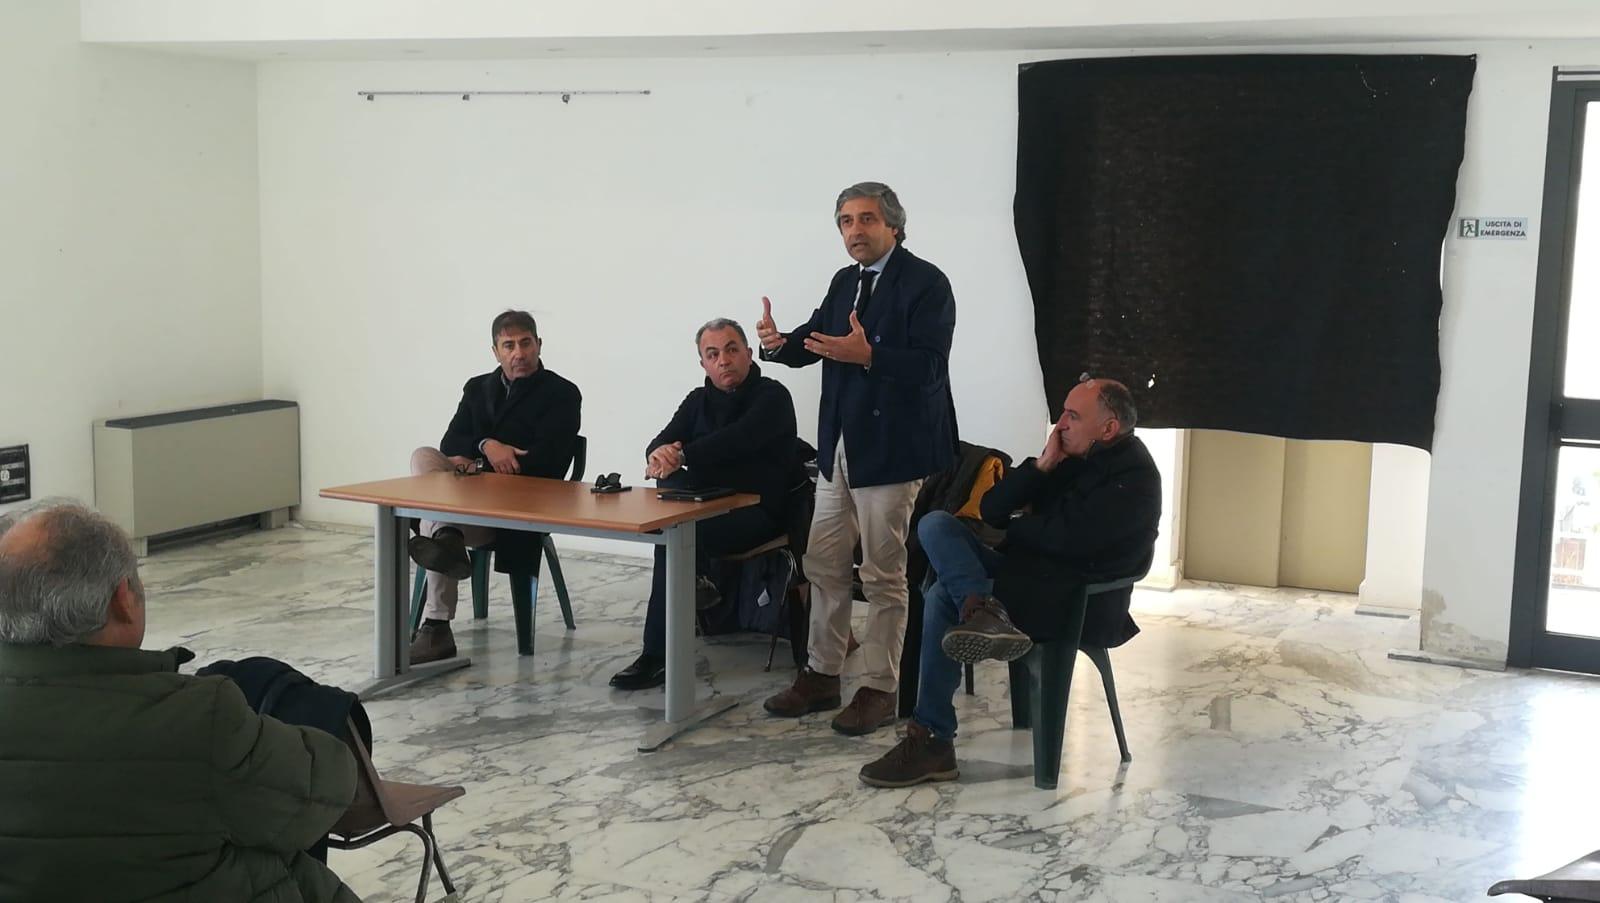 """Agripesca si rafforza. Nasce a Catania la Federazione di armatori e pescatori. Scilla: """"Serve che la pesca parli con un'unica voce"""